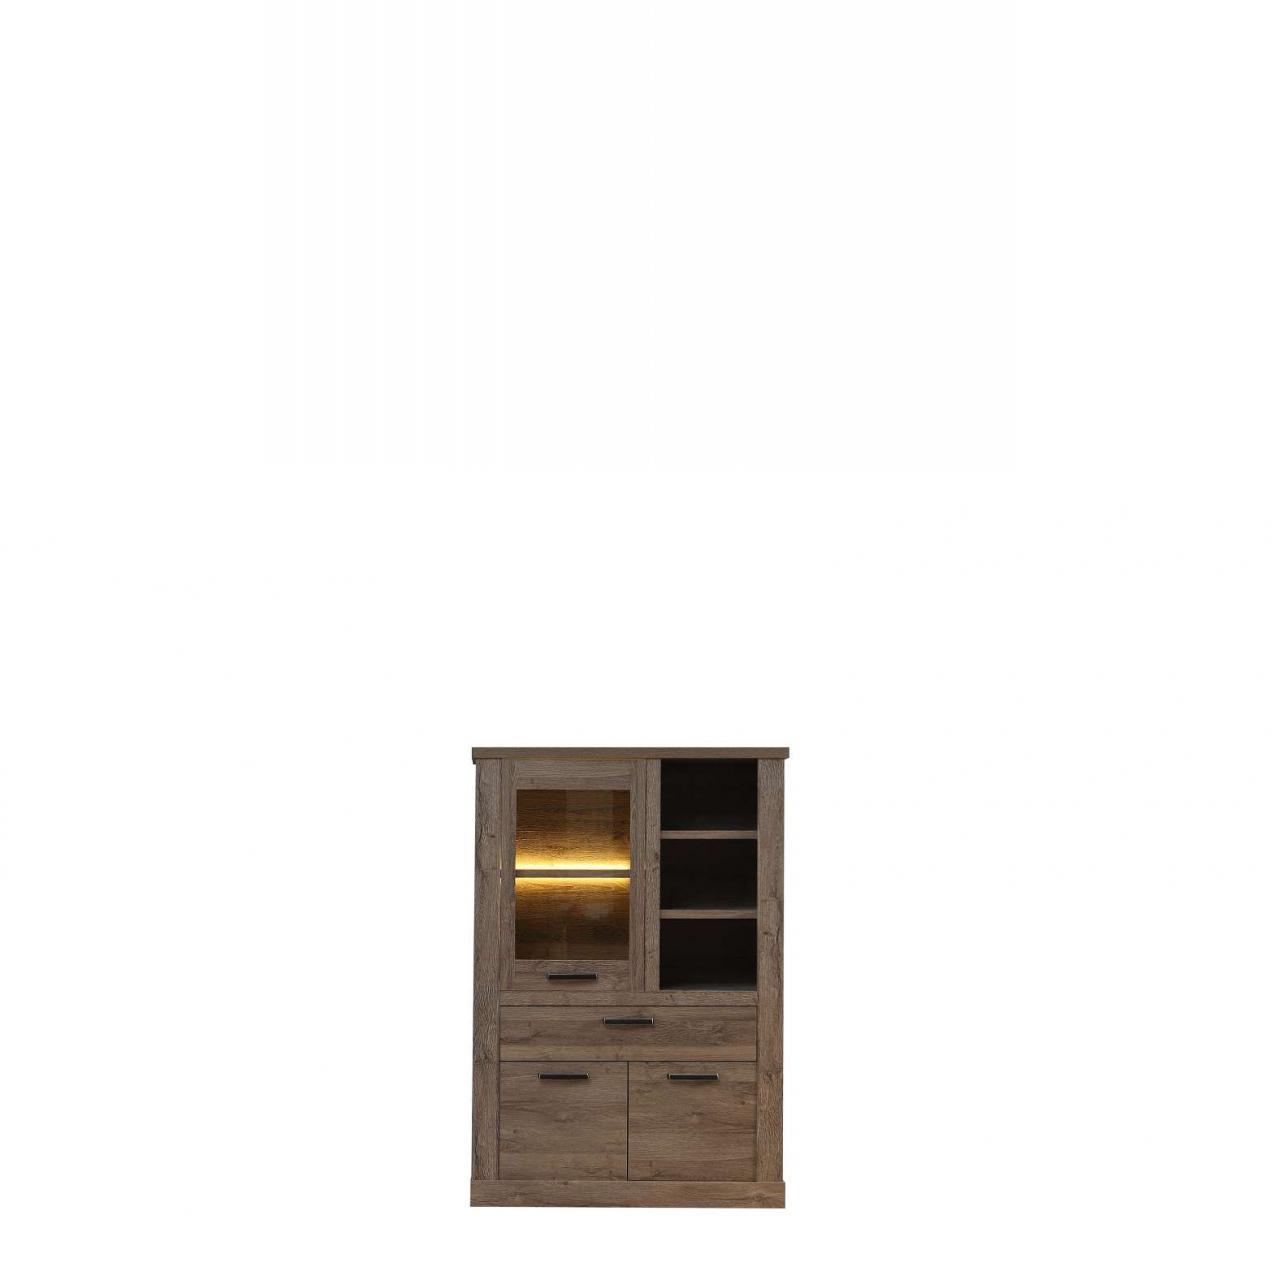 highboard corona highboards wohnzimmerm bel wohnen m bel j hnichen center gmbh. Black Bedroom Furniture Sets. Home Design Ideas